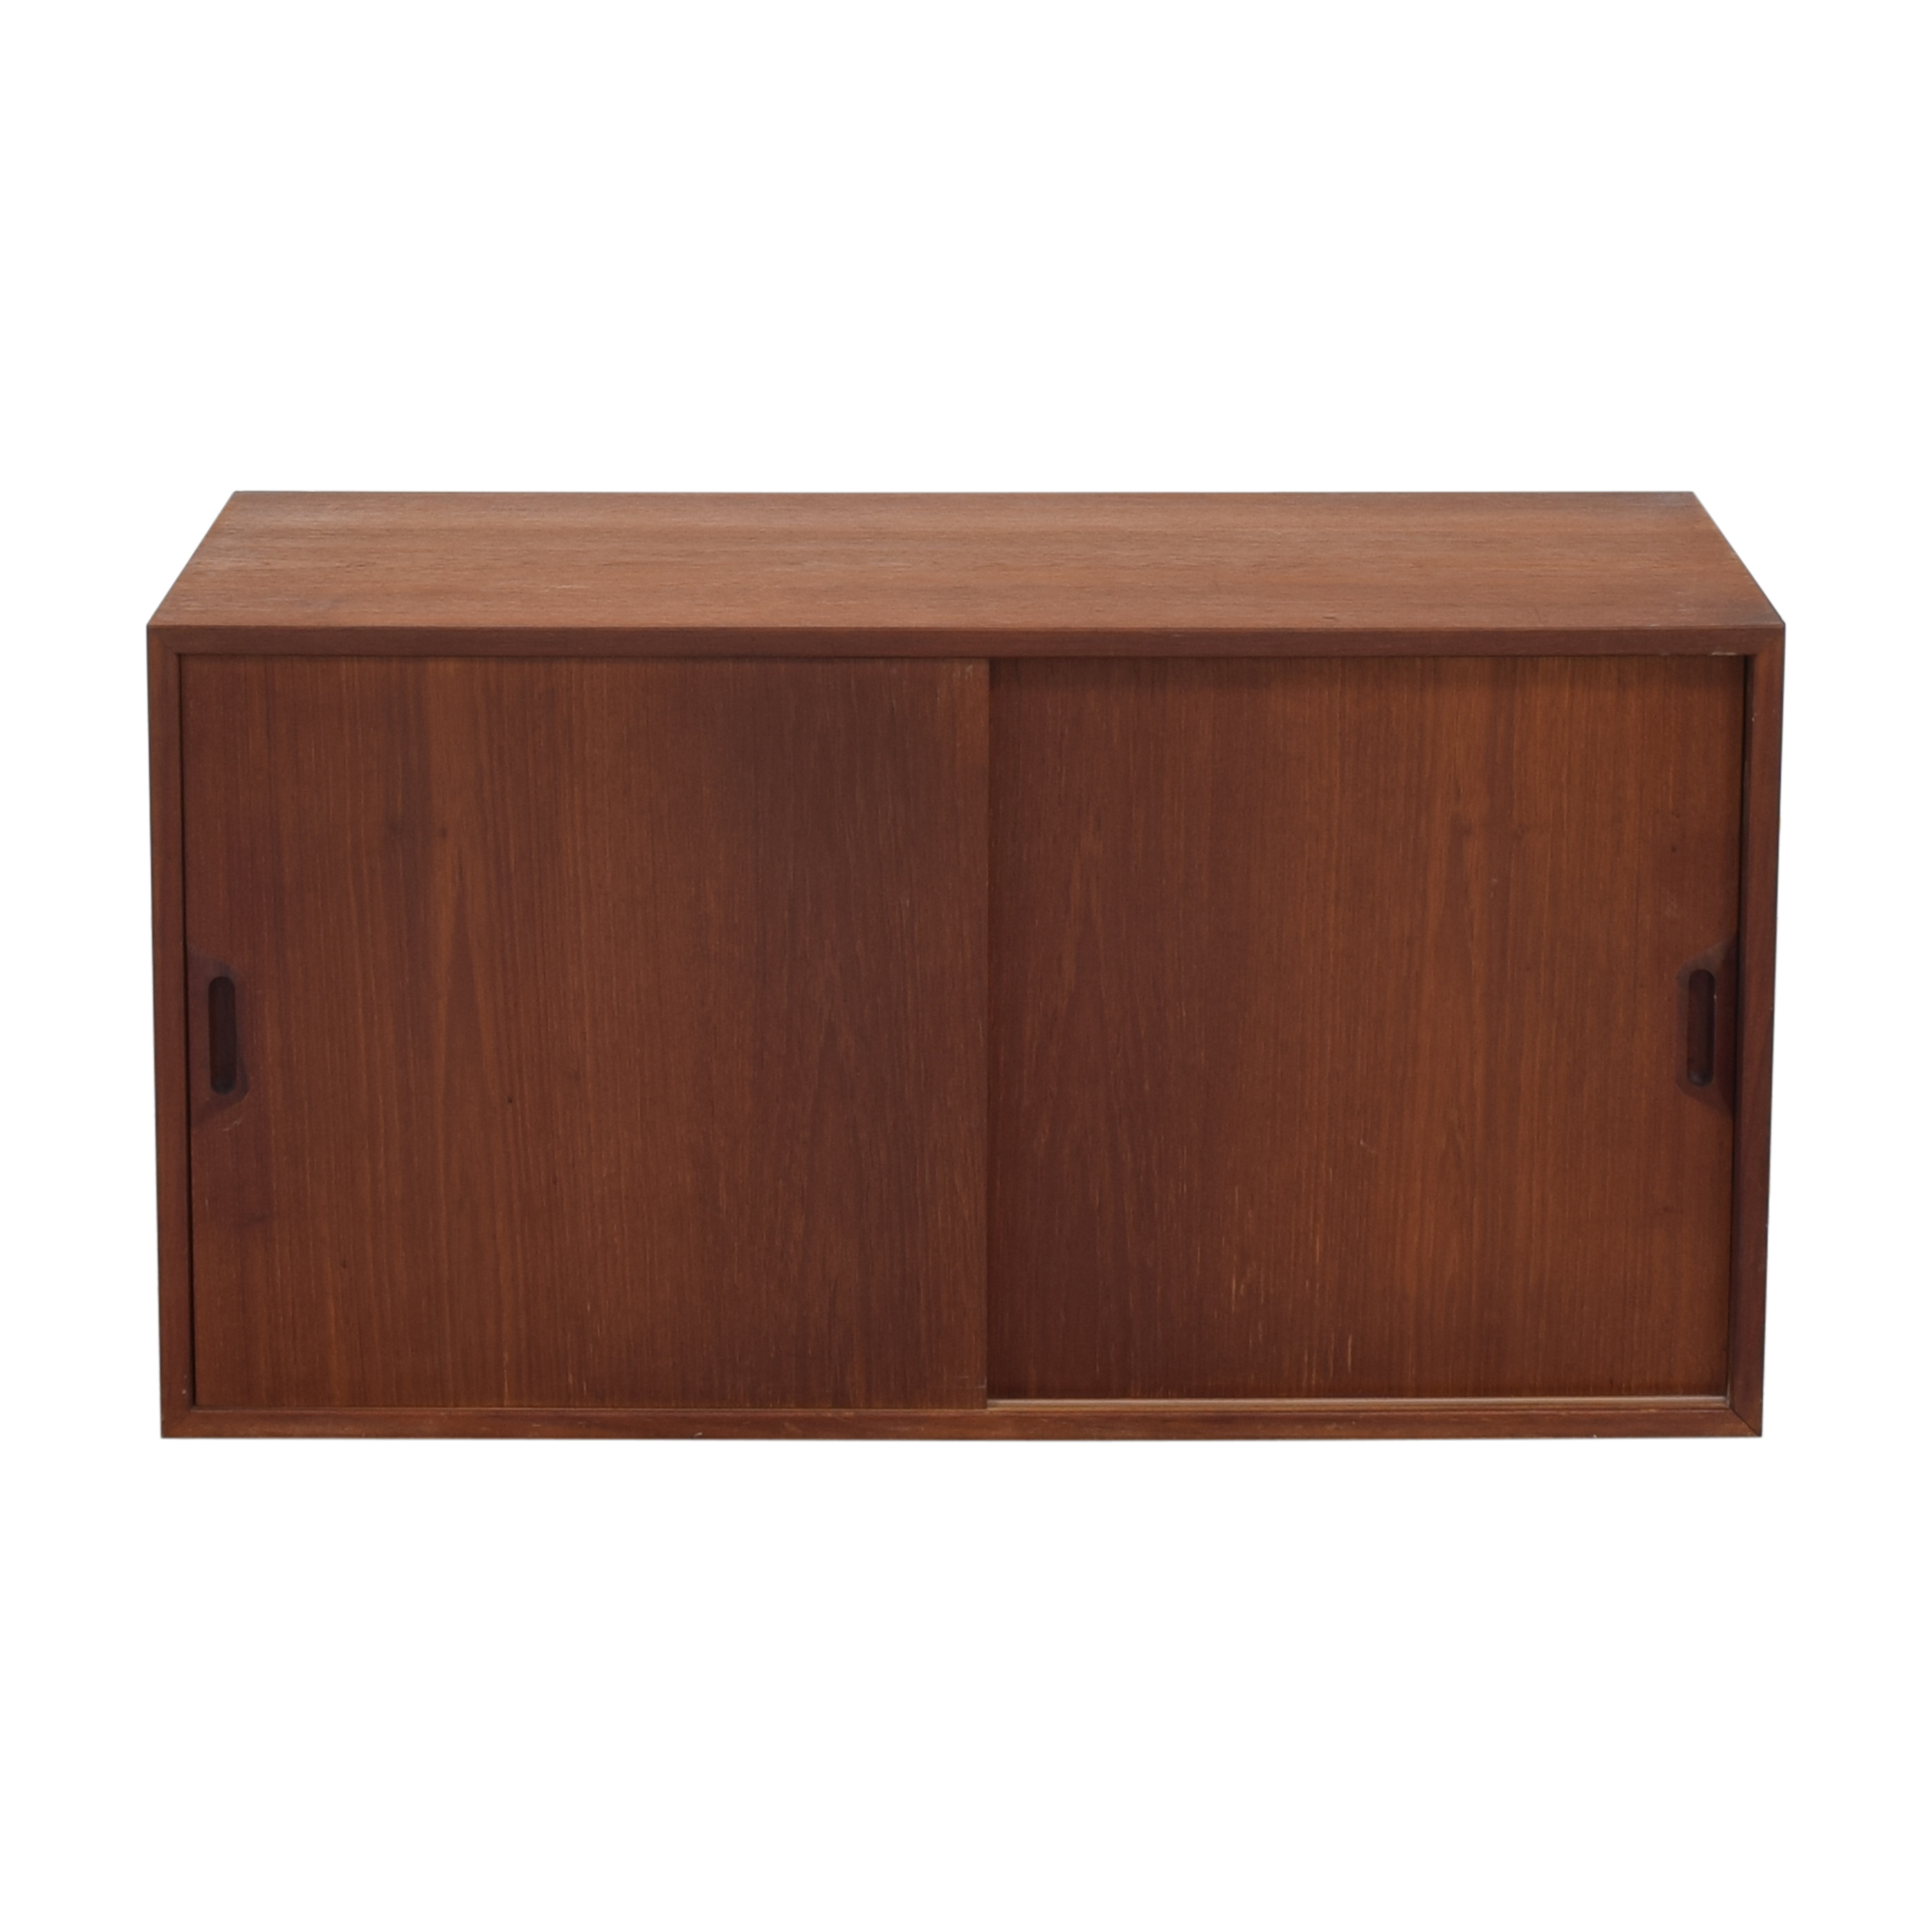 Sven Ellekjaer for Raymor Cabinet / Cabinets & Sideboards